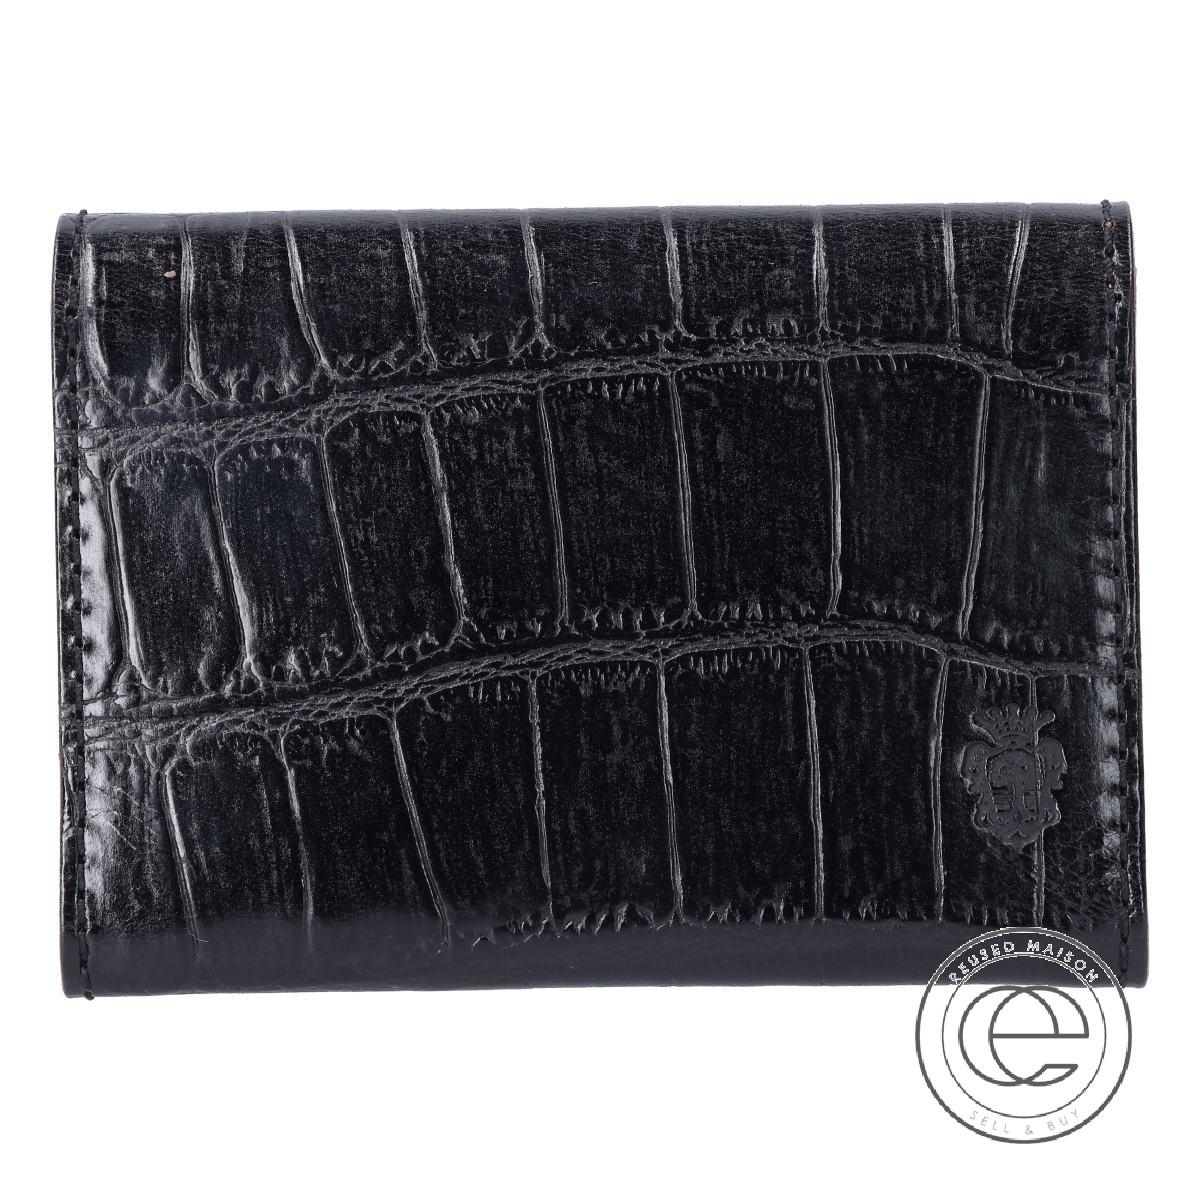 Felisi フェリージ 909/SA エンボスレザー(クロコ型押し) 2つ折り カードケース ブラック メンズ 【中古】